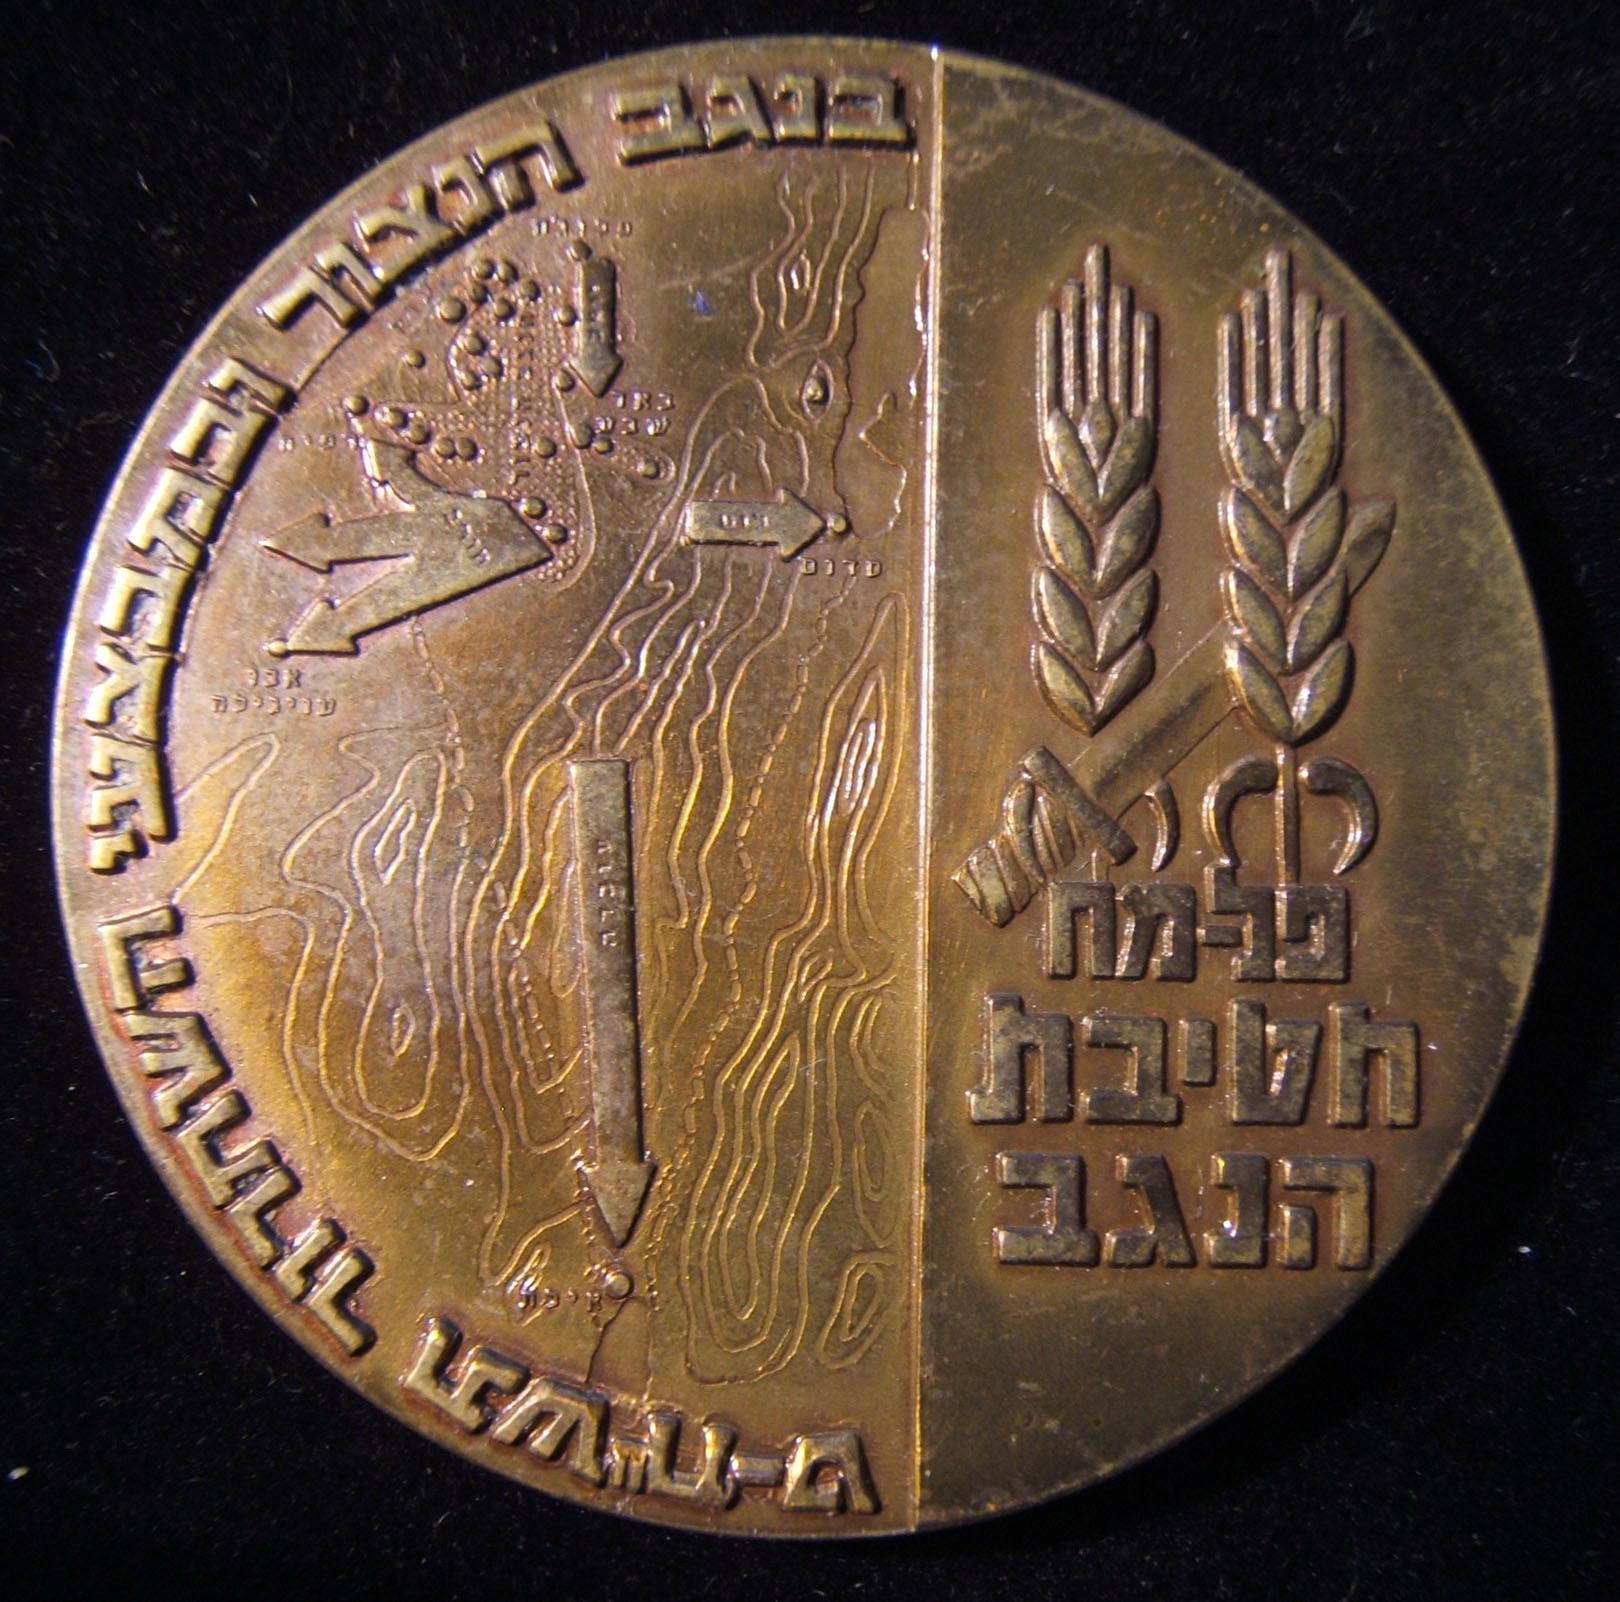 """הצבא הישראלי / צה""""ל / פלמ""""ח חטיבת הנגב מדליית הנצחה 1968"""